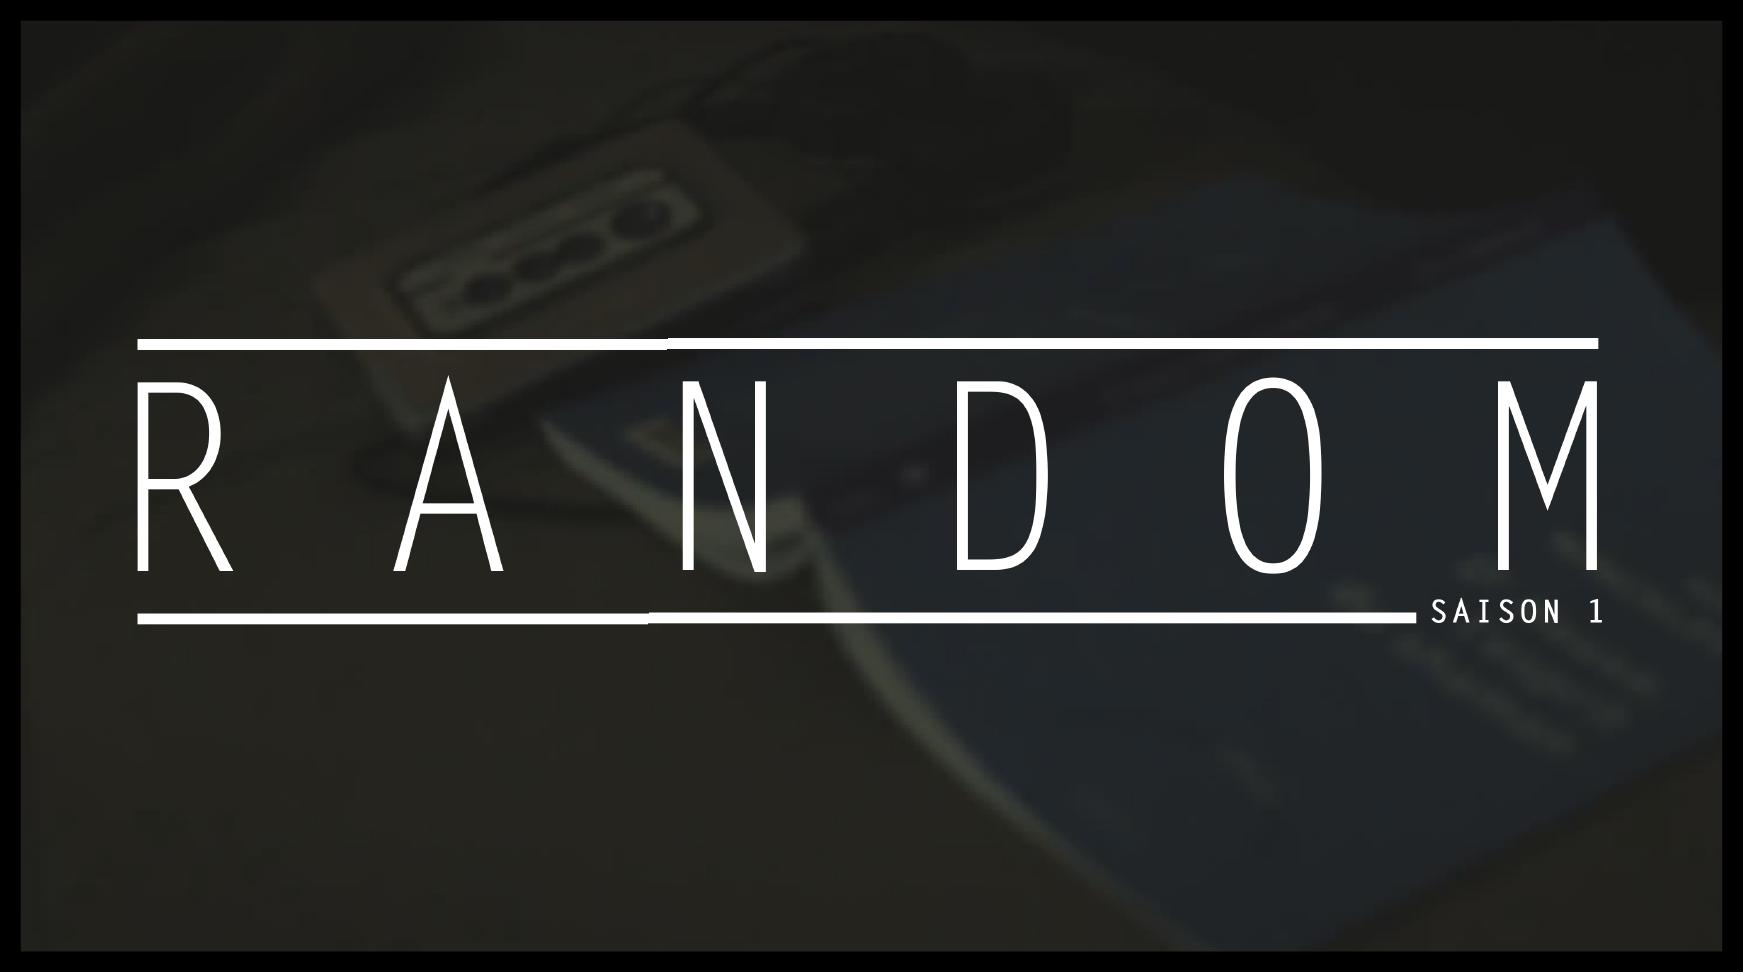 épisode 05, saison 01 - random